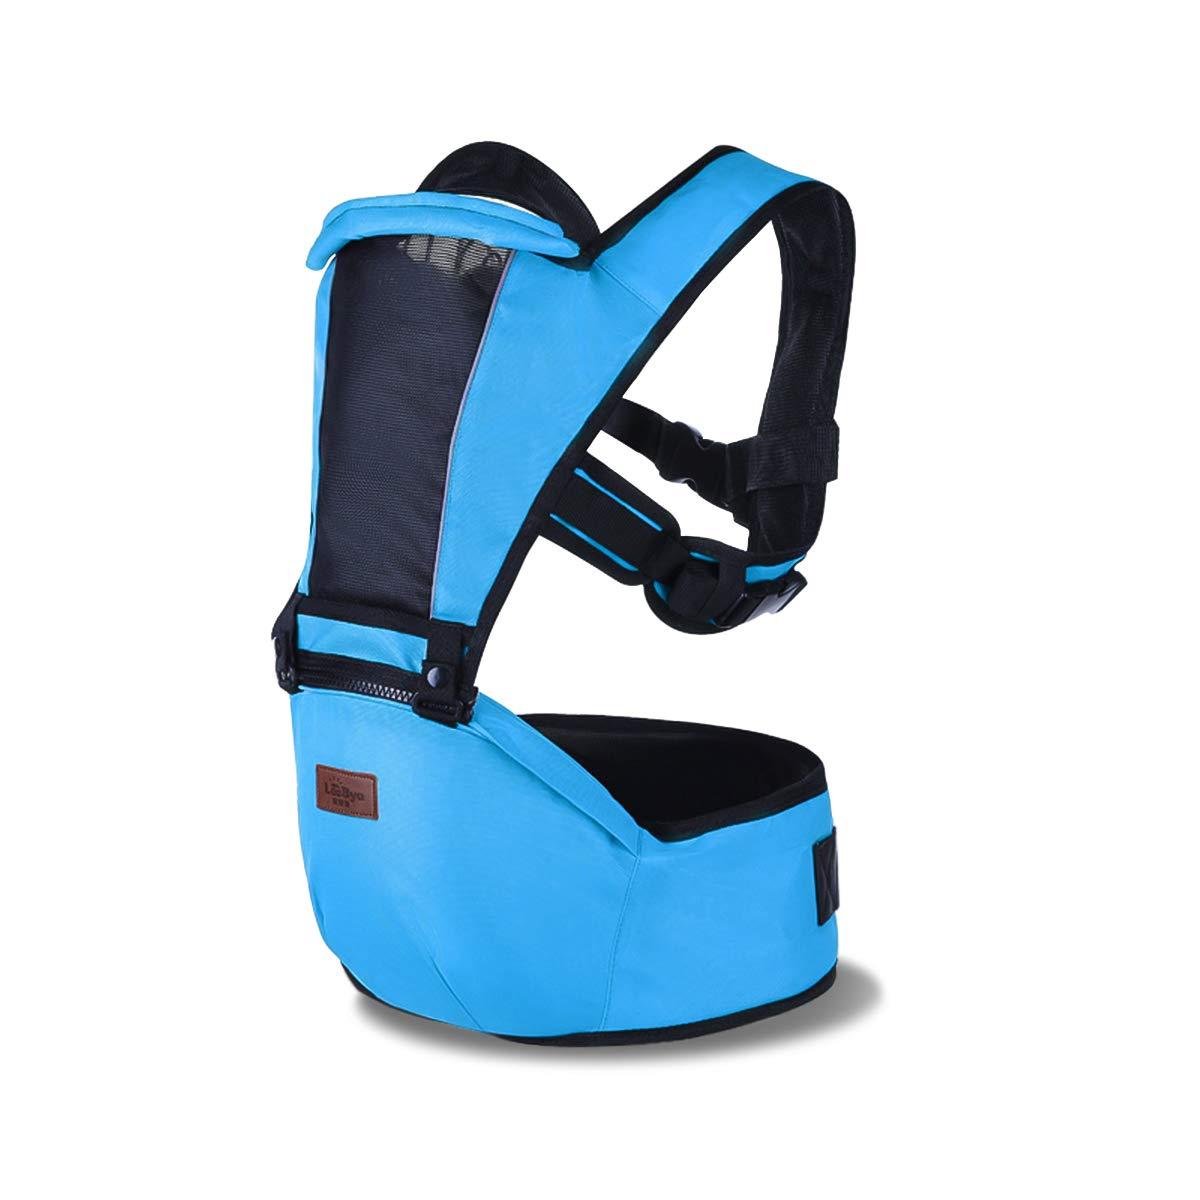 Ergon/ómico Azul Horizontal 6 Posiciones de transporte,Adaptado al crecimiento de su hijo,egalo ideal SONARIN 2018 Premium Hipseat Baby Carrier Portador de Beb/é Multifuncional Frontal